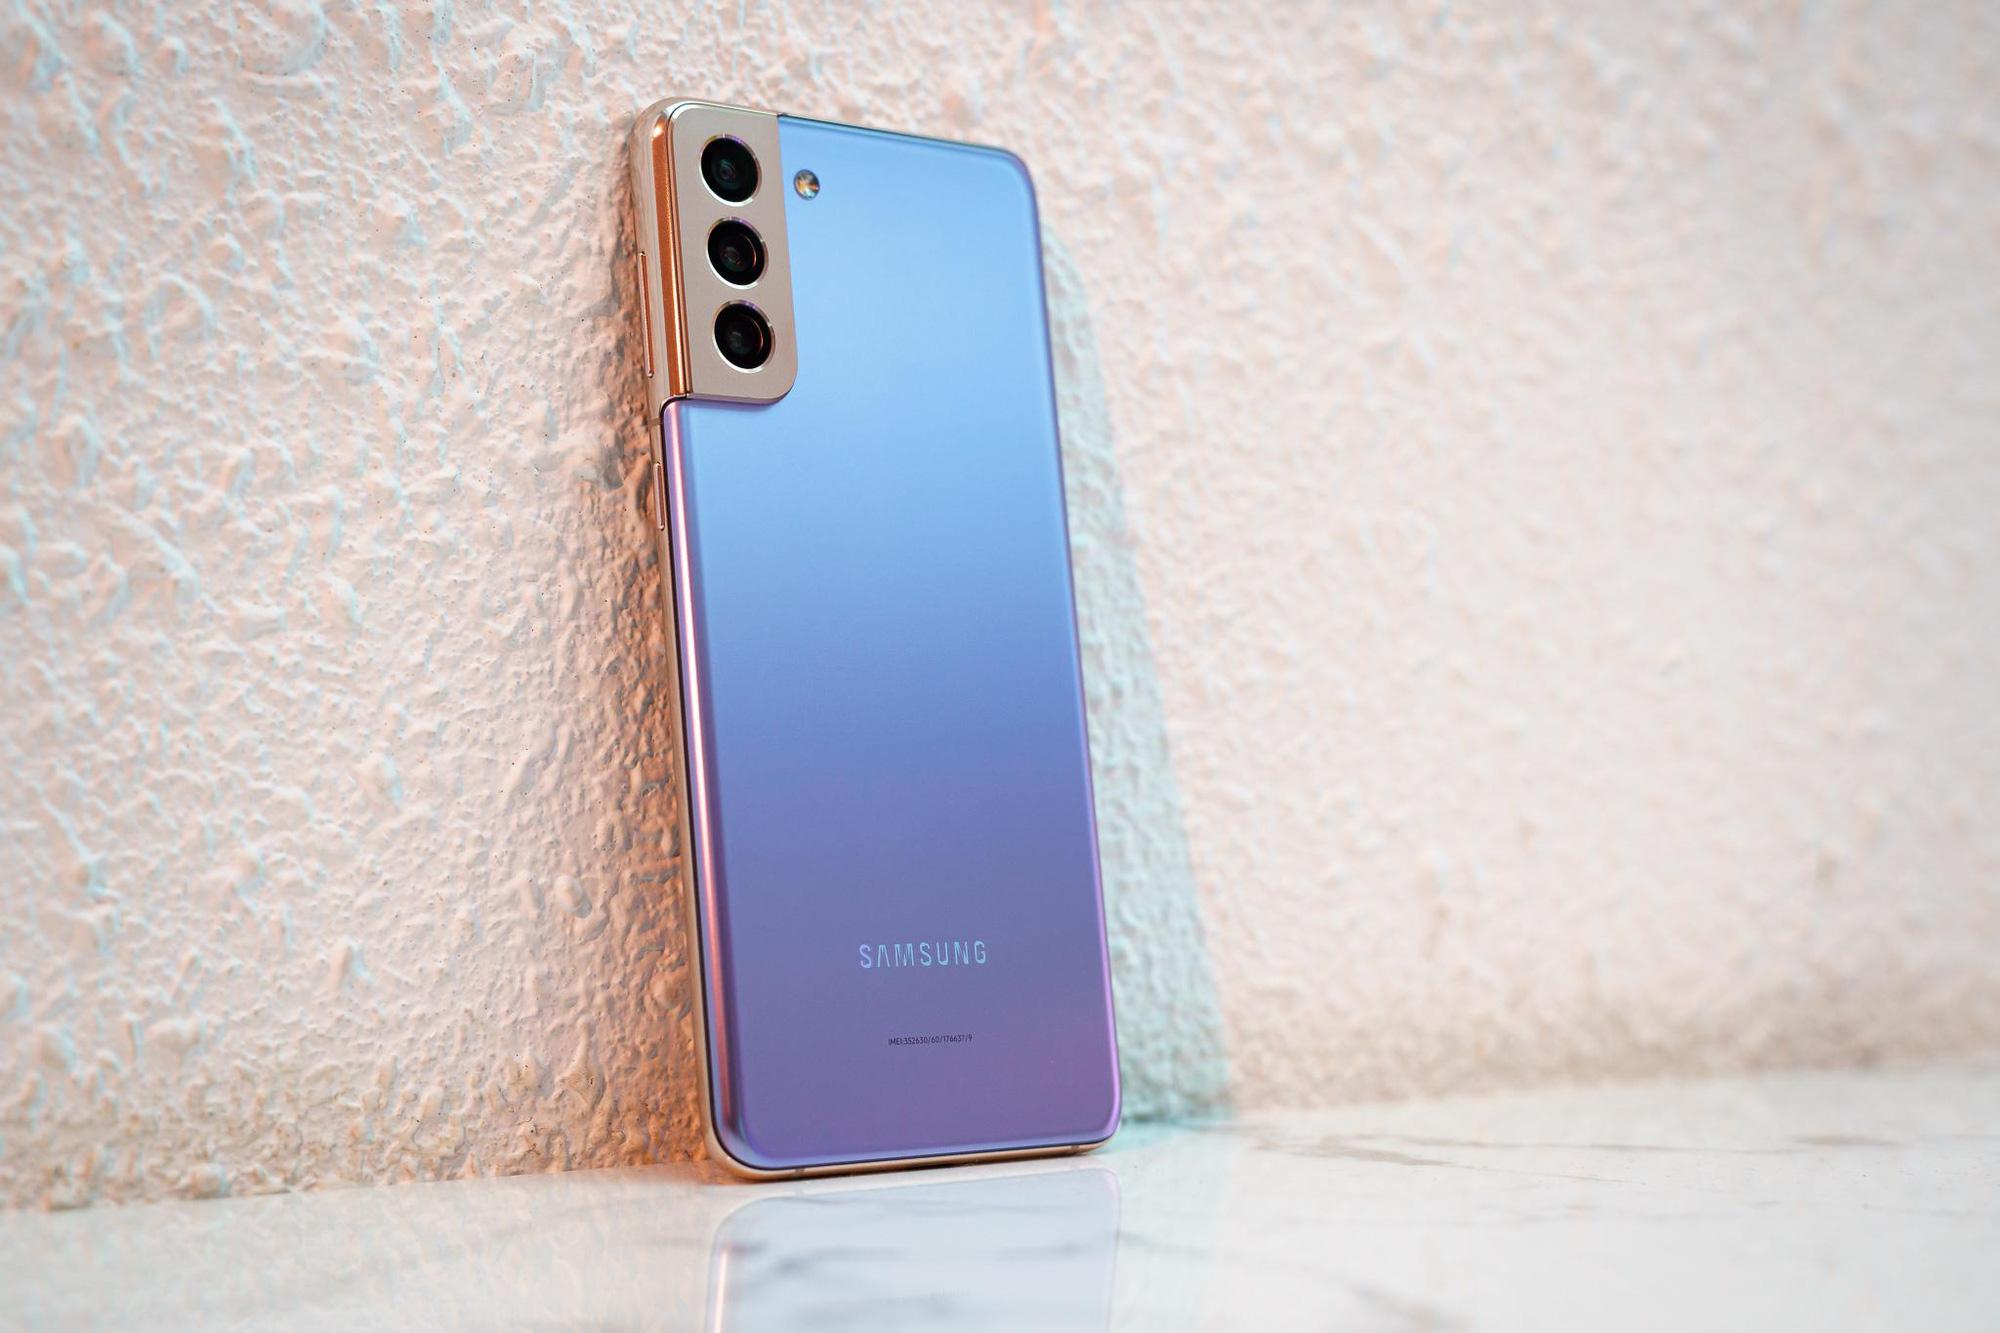 Hiếm có smartphone nào cho người dùng nhiều quyền lựa chọn như Galaxy S21 series - Ảnh 1.